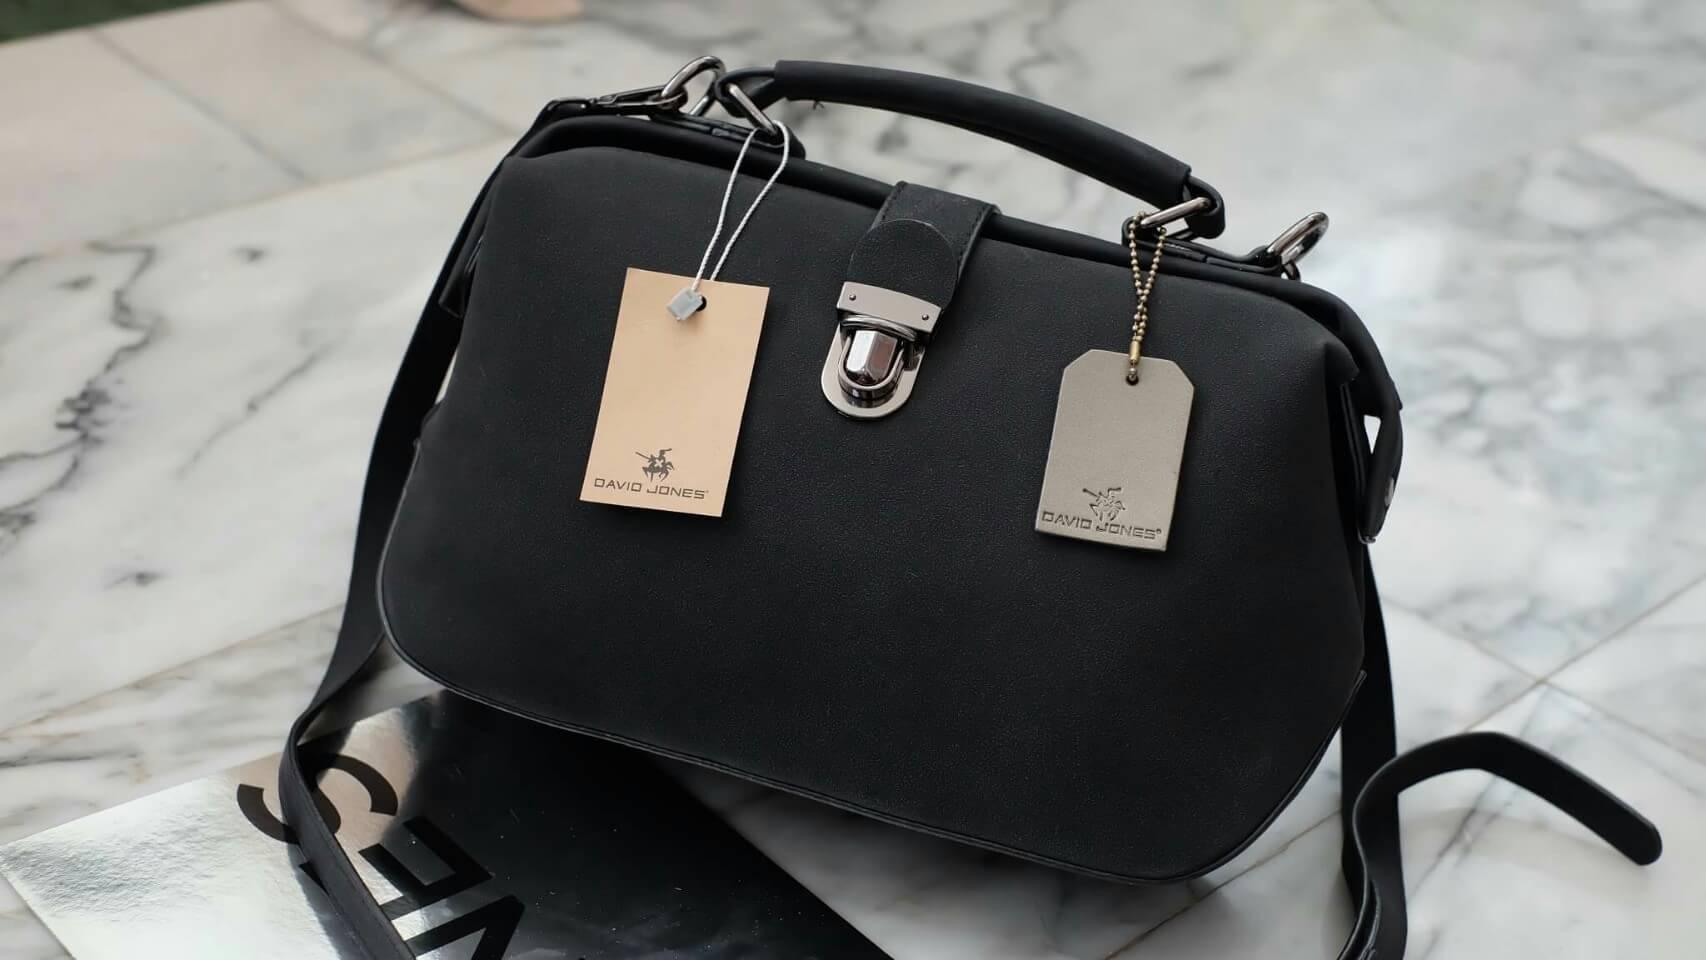 กระเป๋า DAVID JONES หนังกลับ สวยมาก แถมทรงเก๋มากๆค่า ตัวกระเป๋าขนาดกะทัดรัด น้ำหนักเบา จุของคุ้มมากๆ คะ